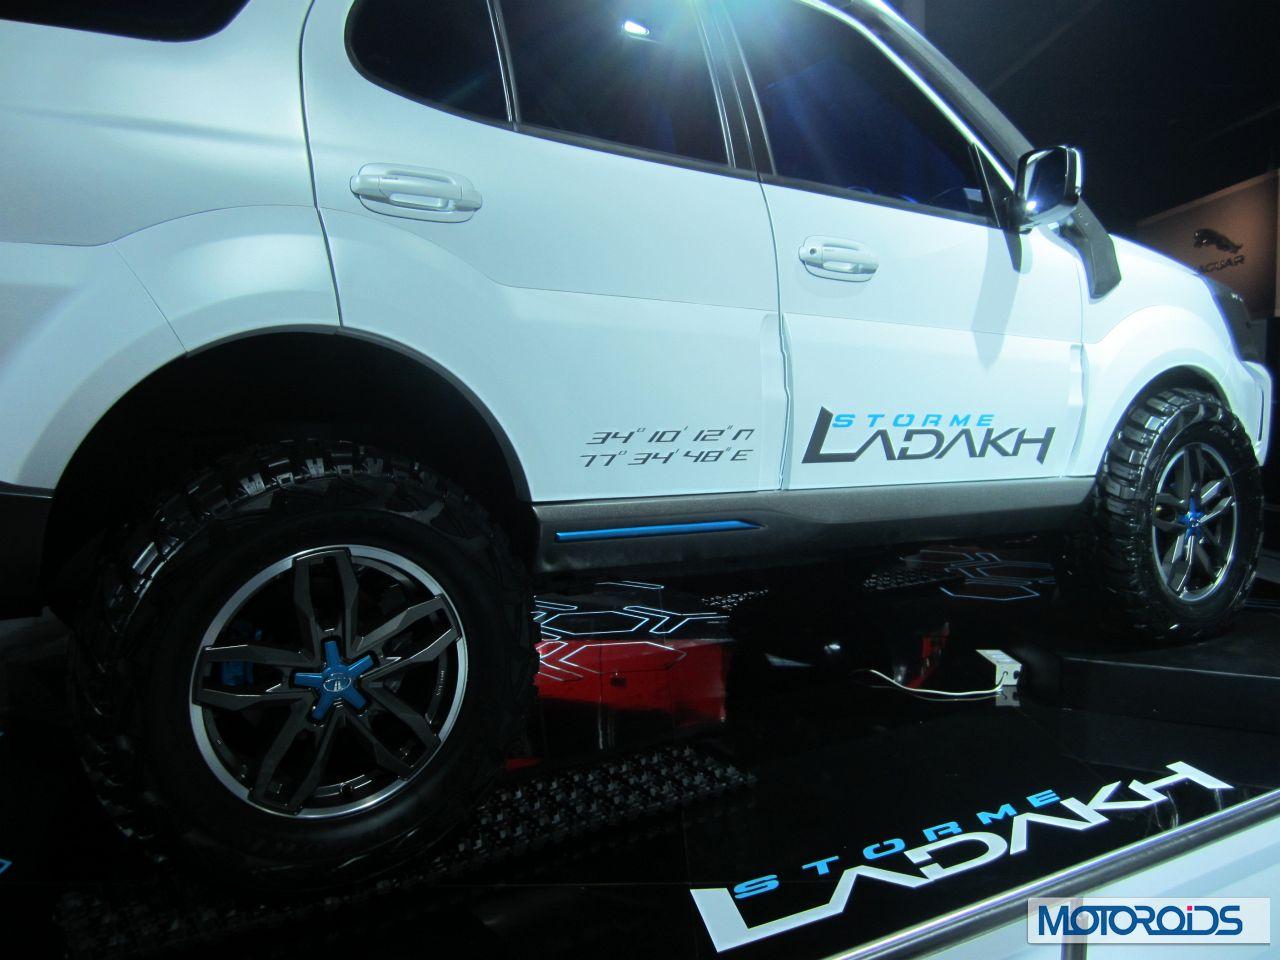 Tata Safari ladakh Concept Auto Expo 2014 (11)